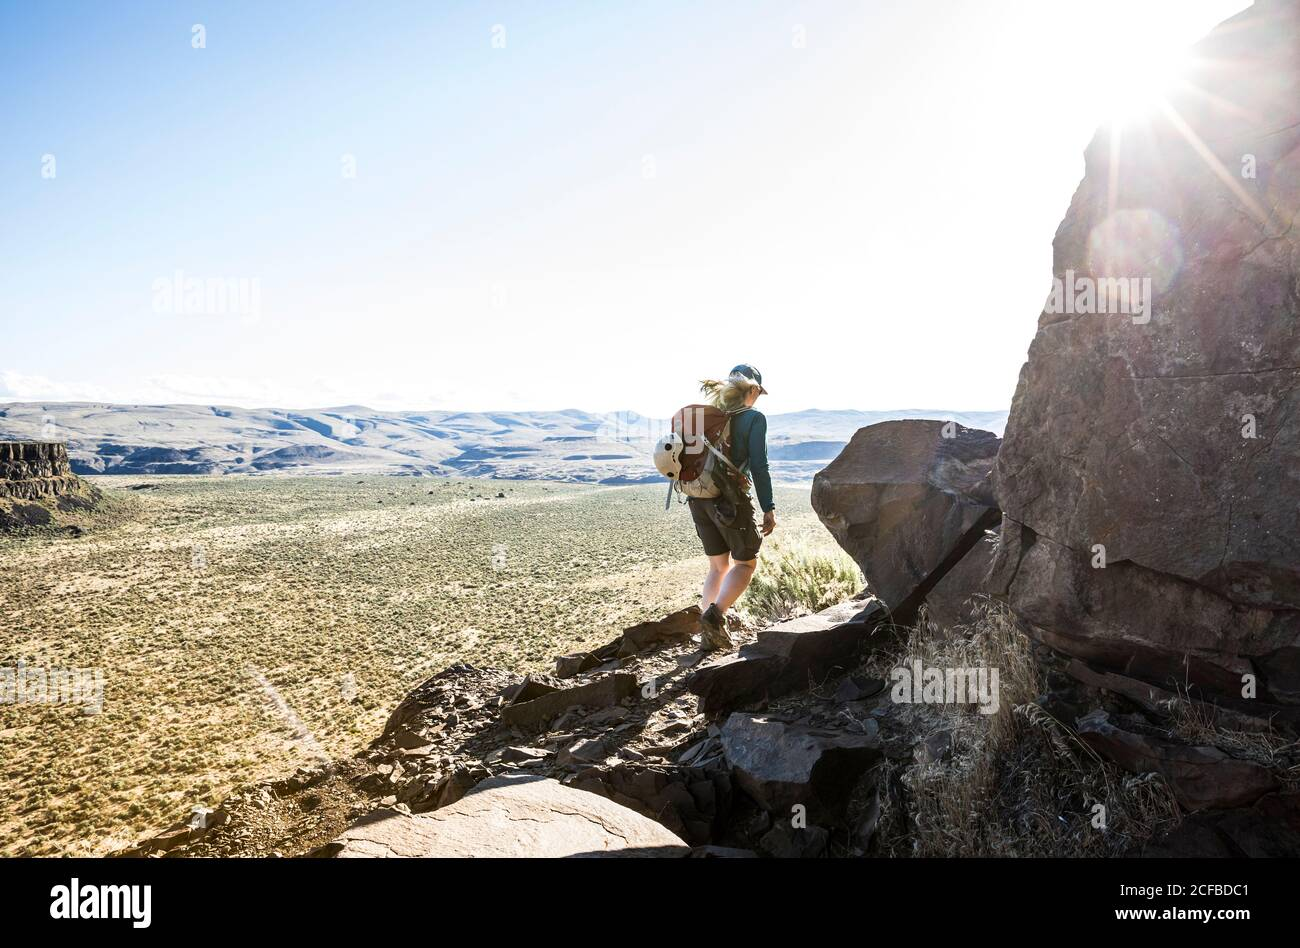 Une femme randonnée pédestre le sentier des grimpeurs autour de Sunshine Wall dans Echo Basin / Frenchmans Coulee, est de Washington, Etats-Unis. Banque D'Images